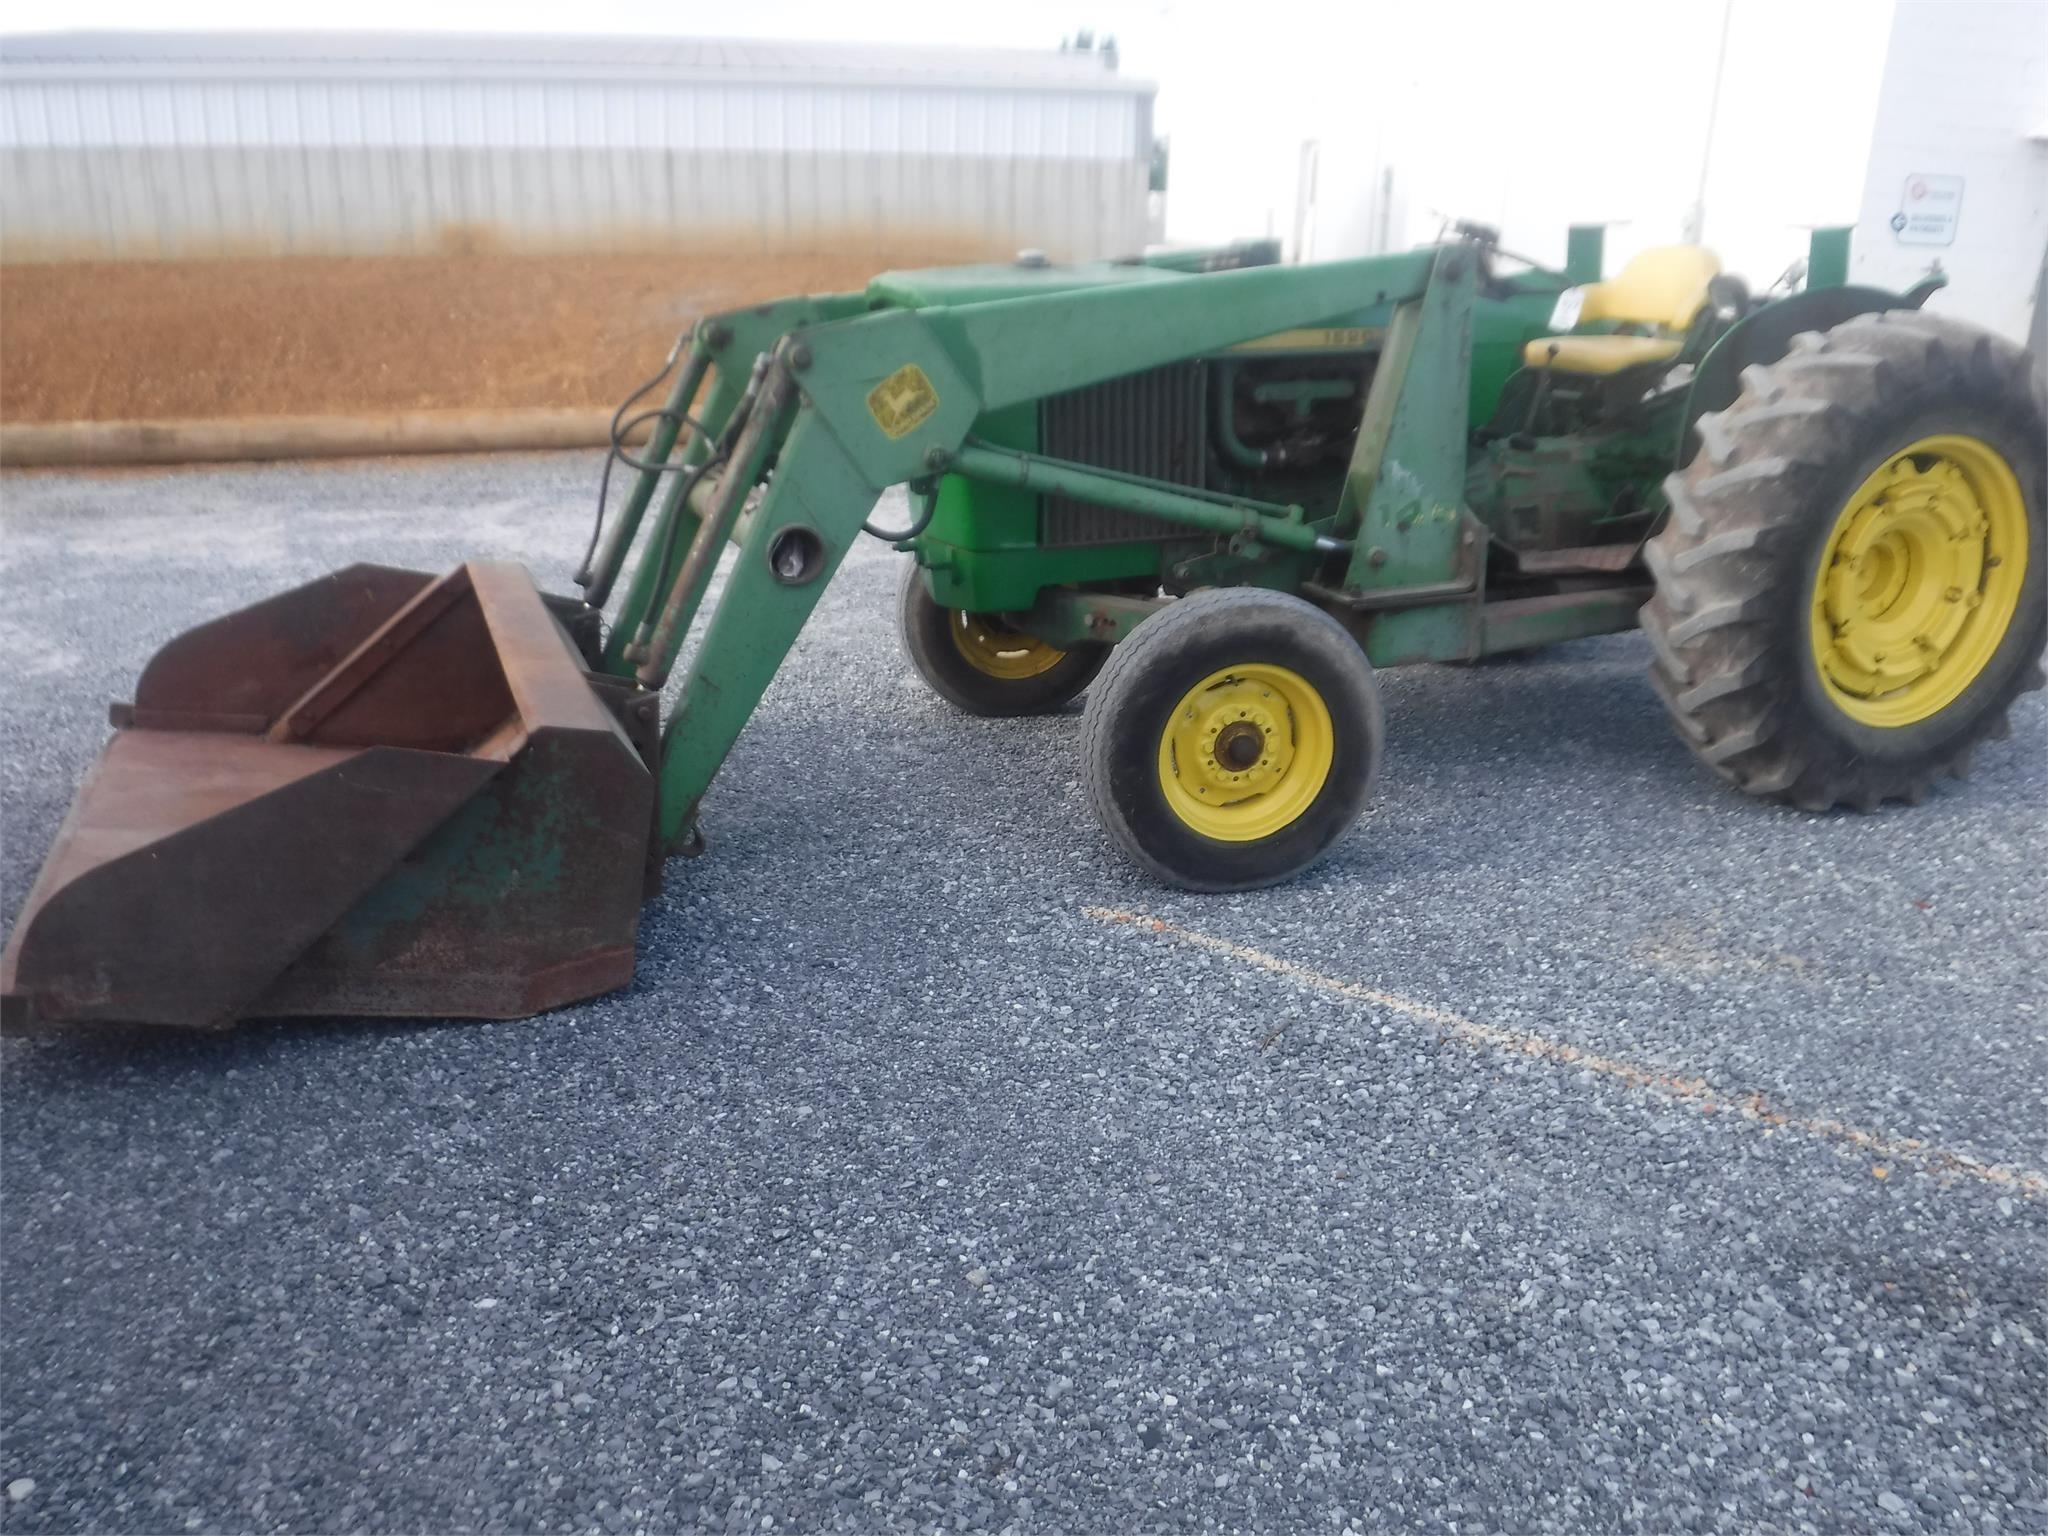 1968 John Deere 1520 Tractor